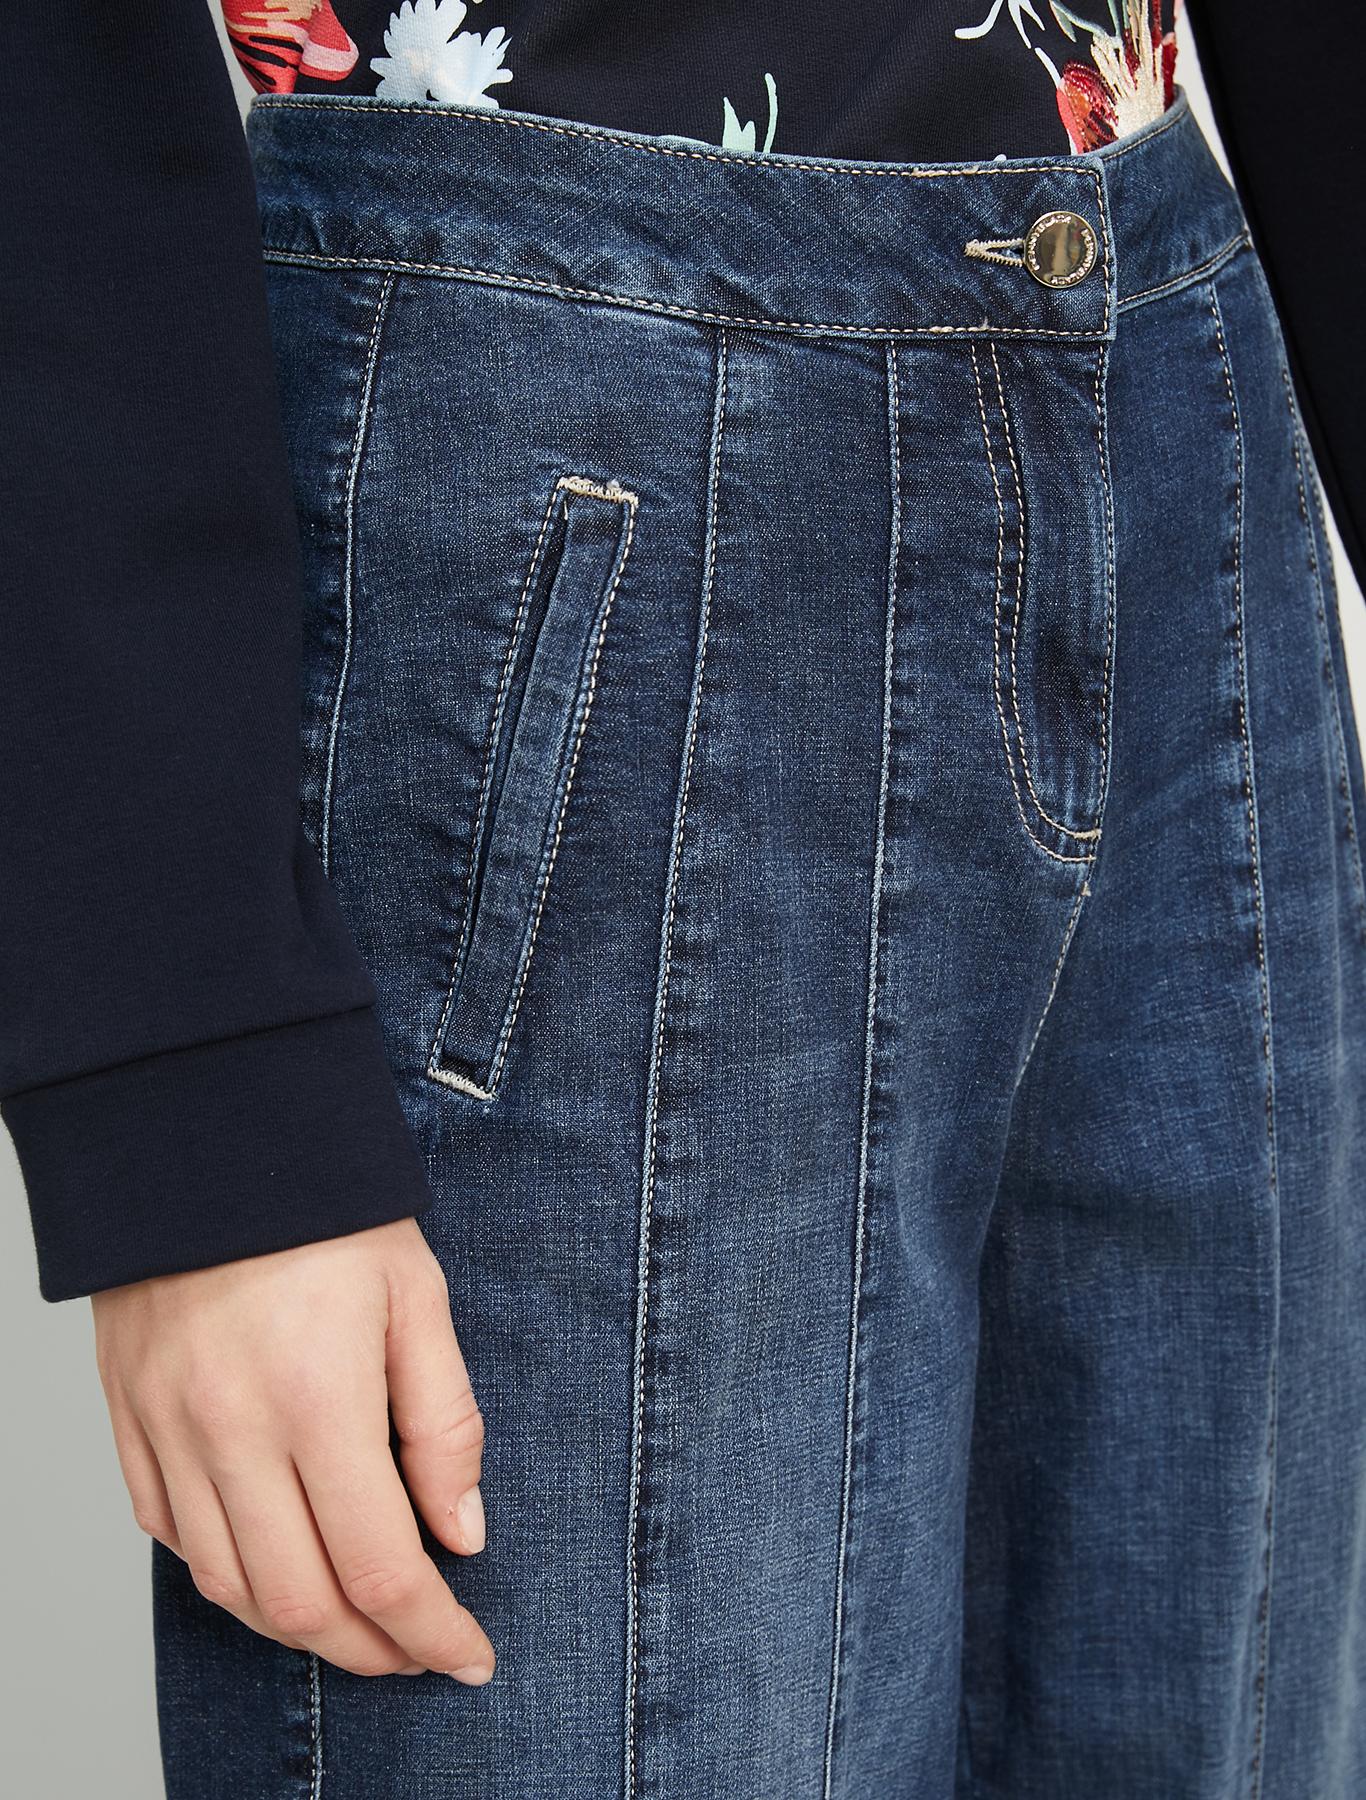 Barrel-leg jeans - cornflower blue - pennyblack